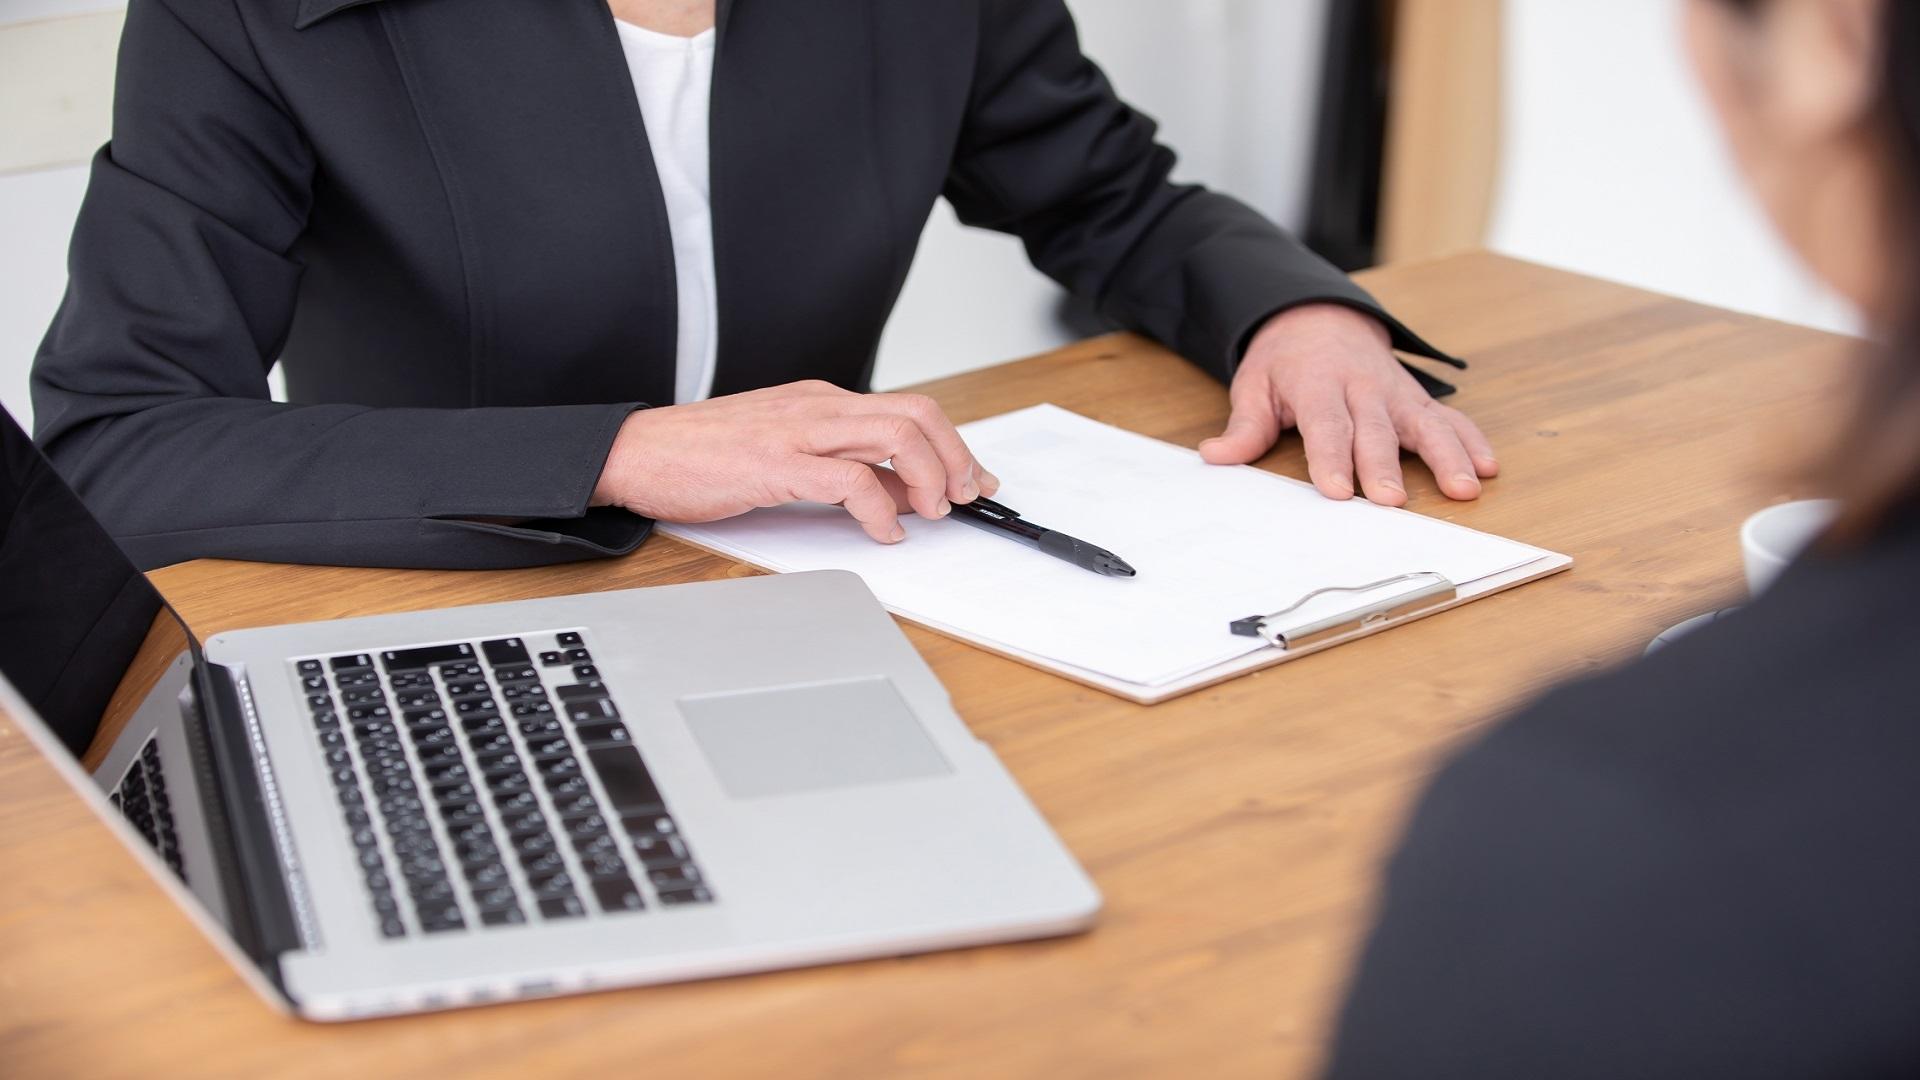 過払い金請求におすすめな弁護士・司法書士事務所5選 選び方も解説